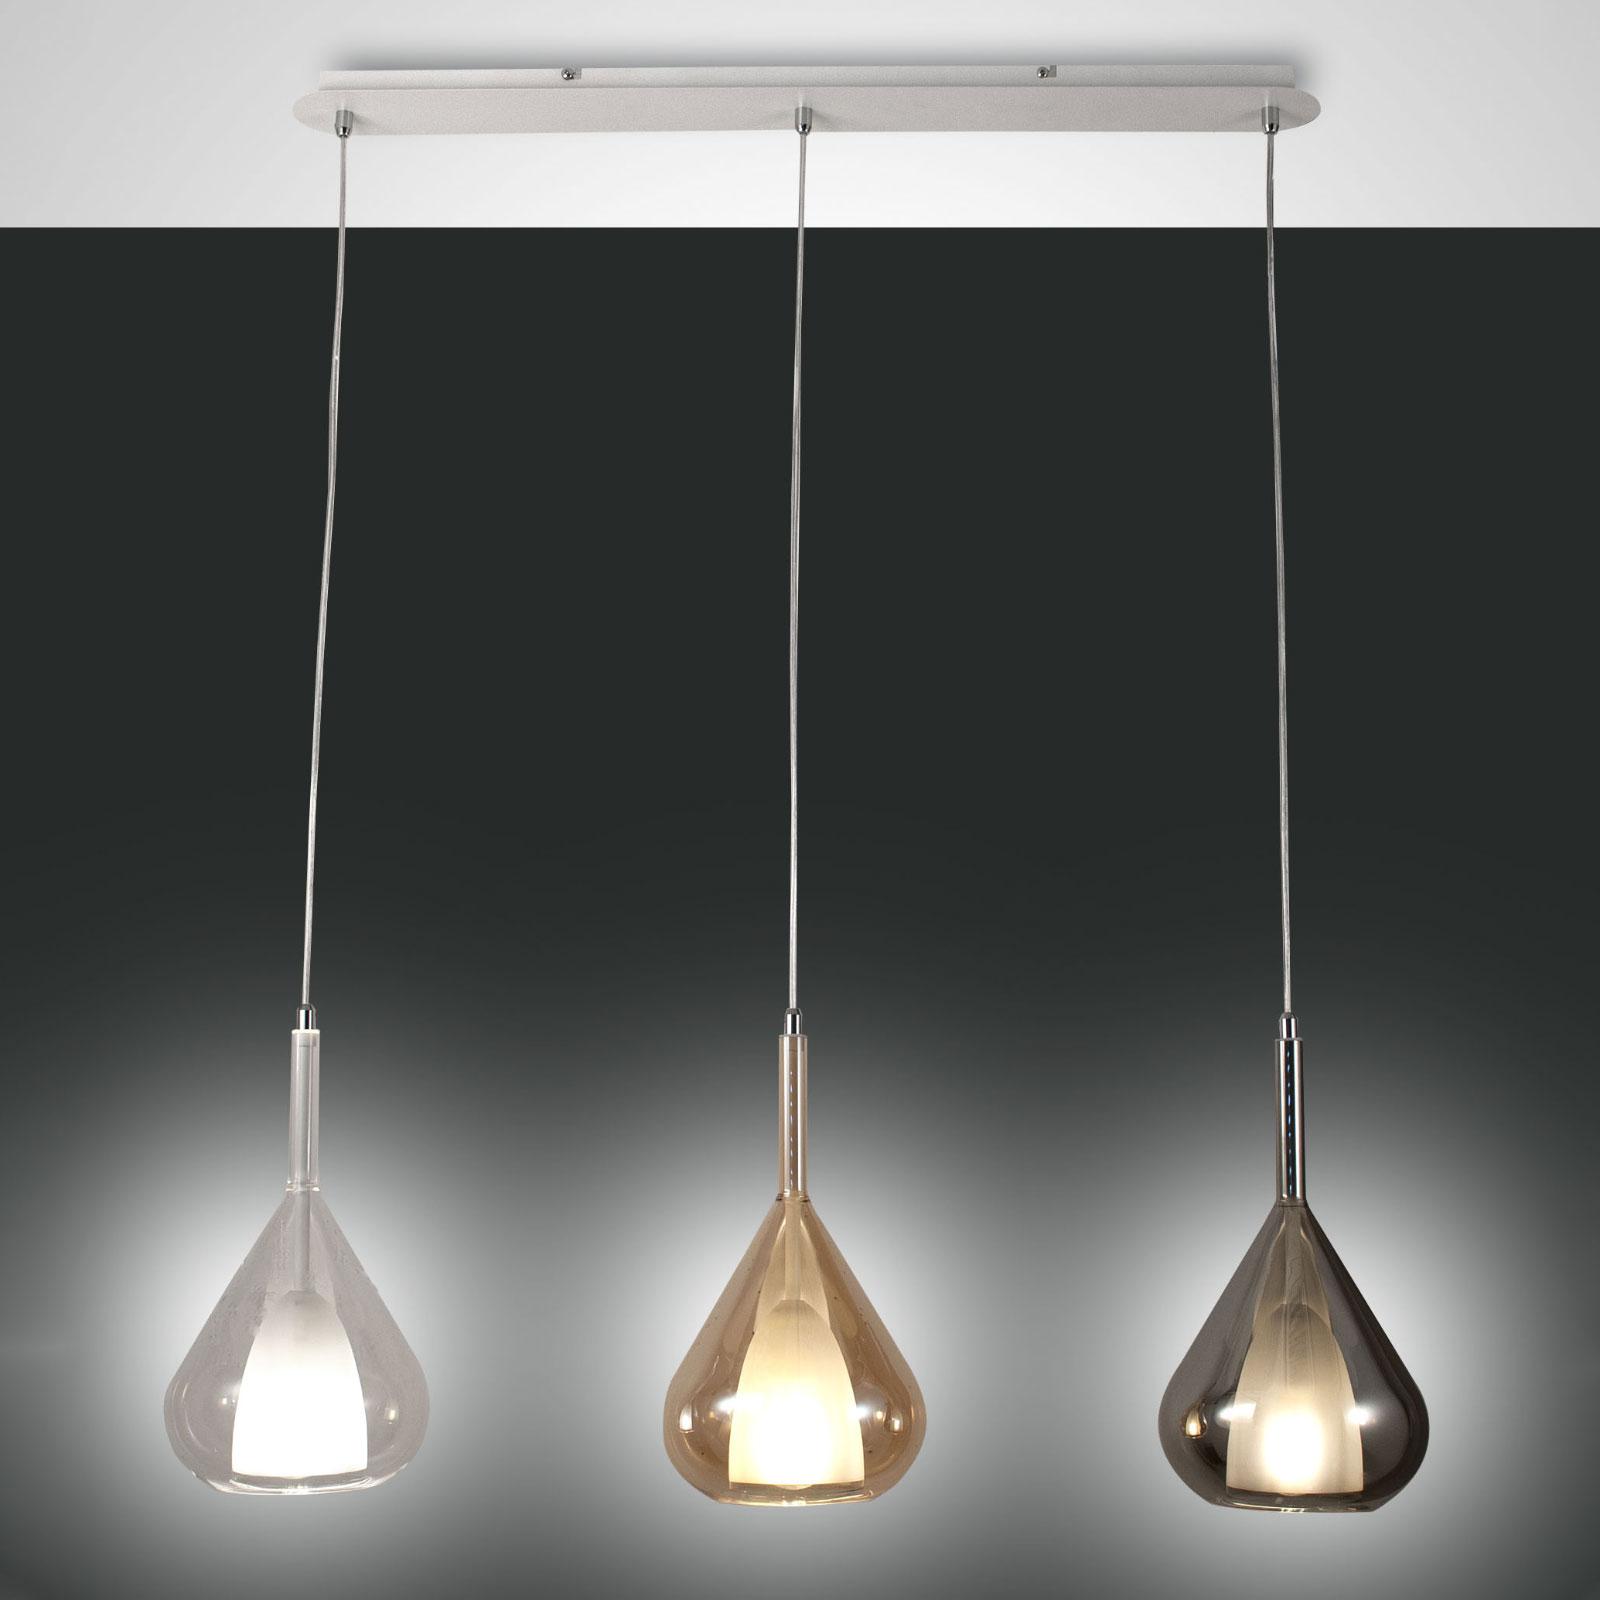 Lampa wisząca Lila ze szkła, 3-punktowa długa